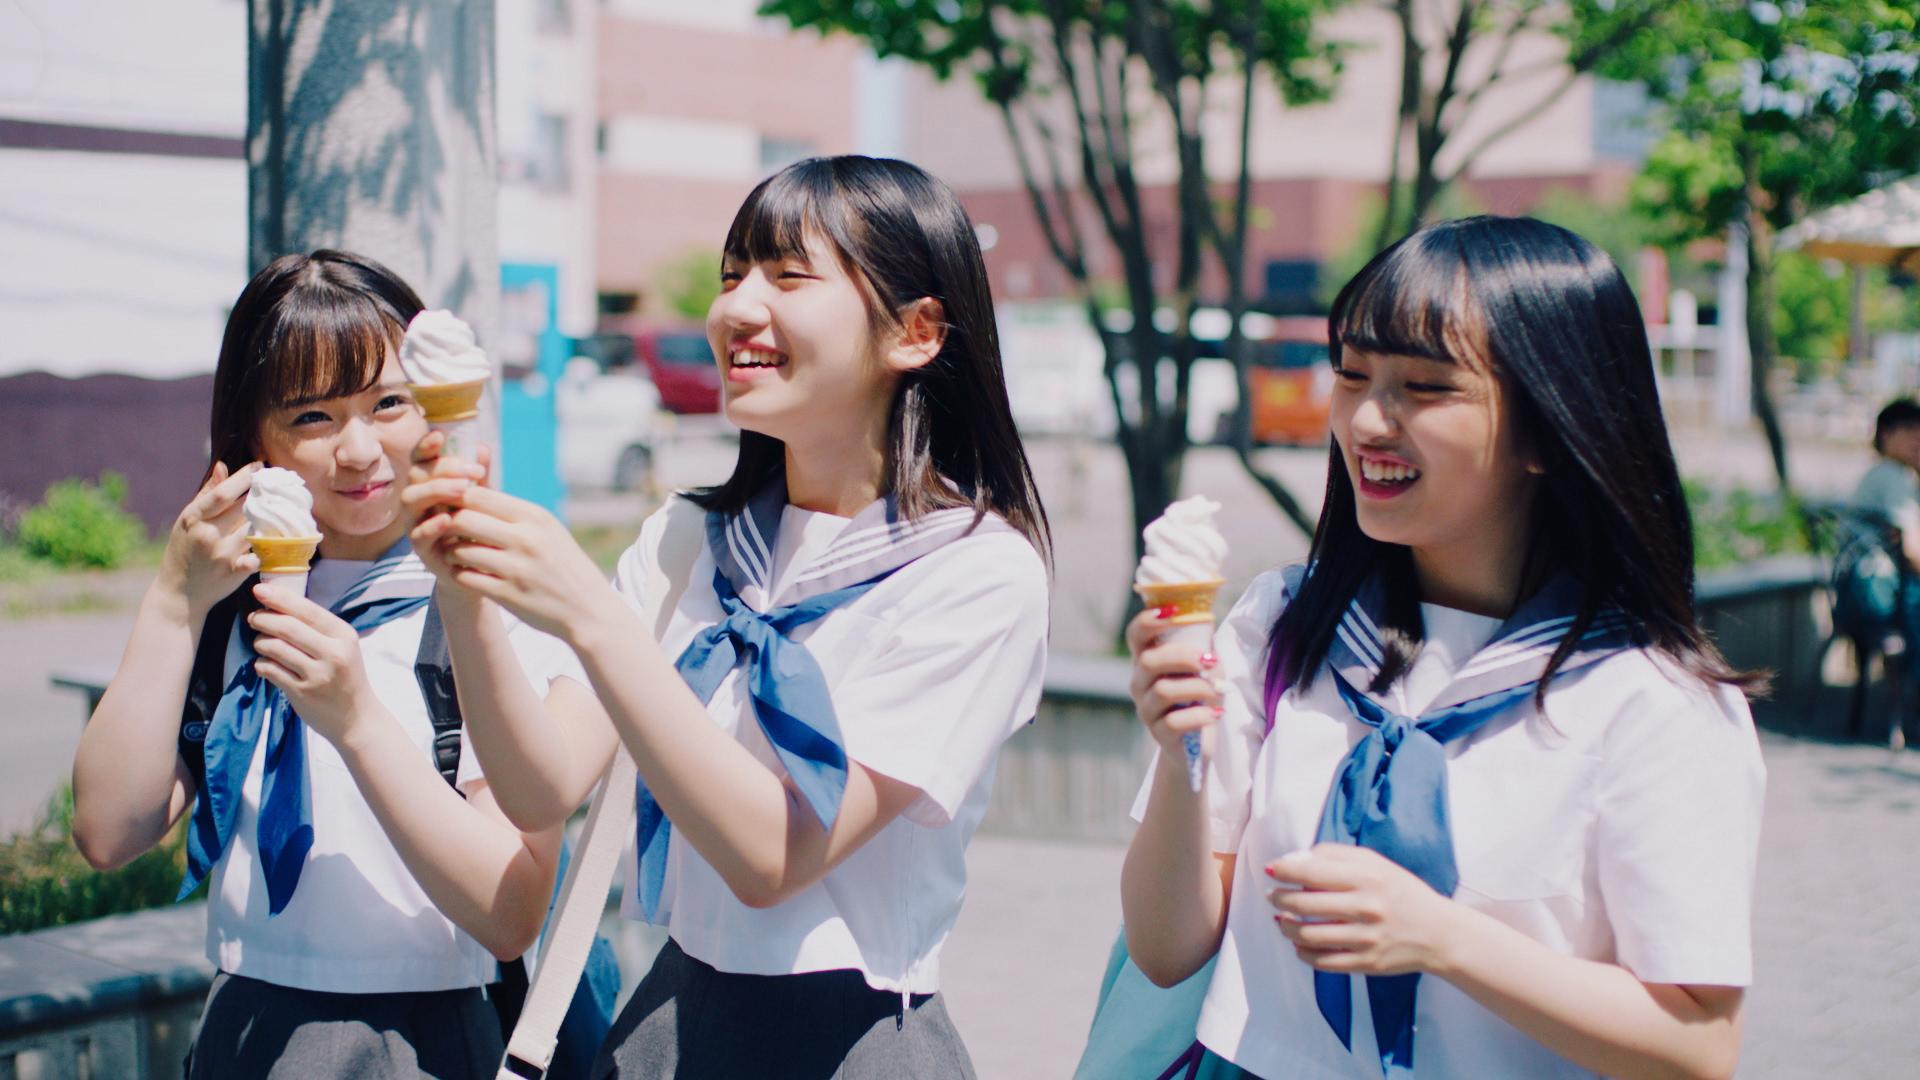 「サステナブル」MVでの向井地美音(右)(C) AKS/キングレコード